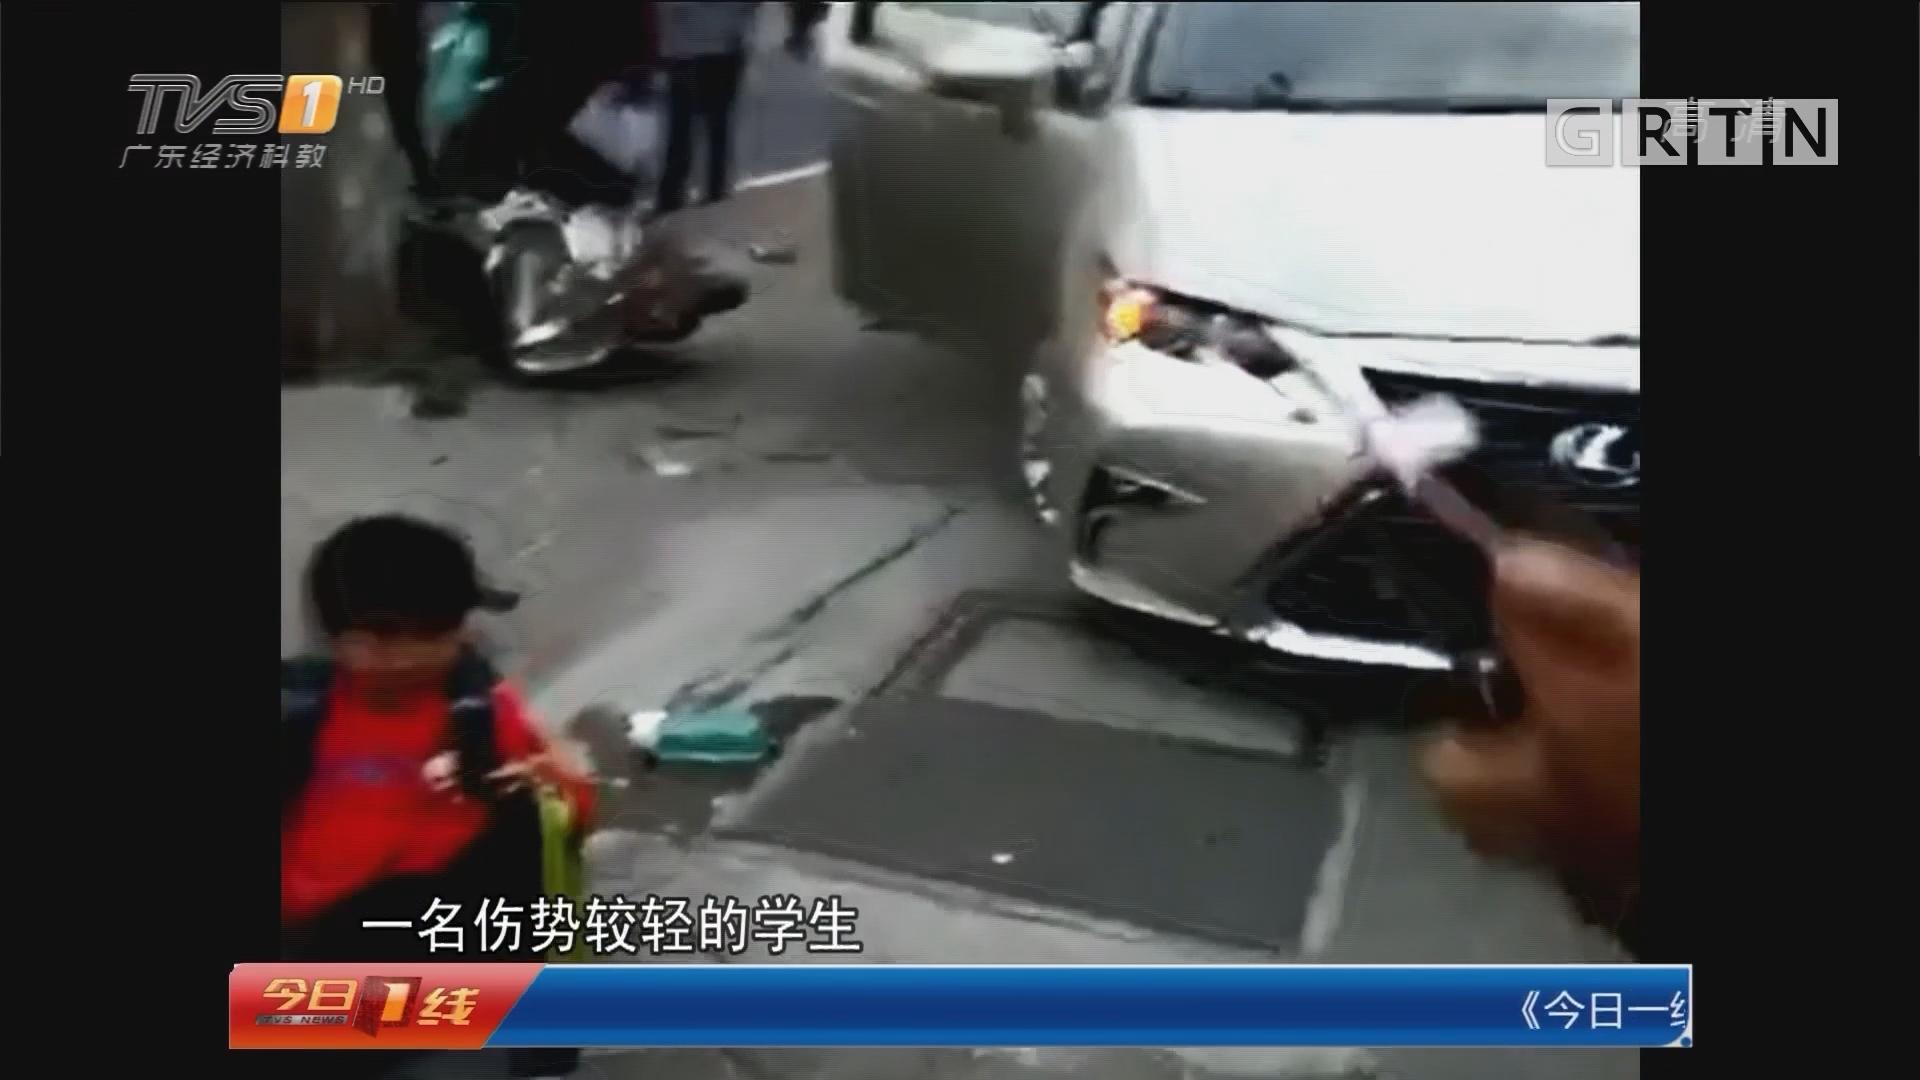 佛山:小车冲上人行道连撞3学生 司机被控制